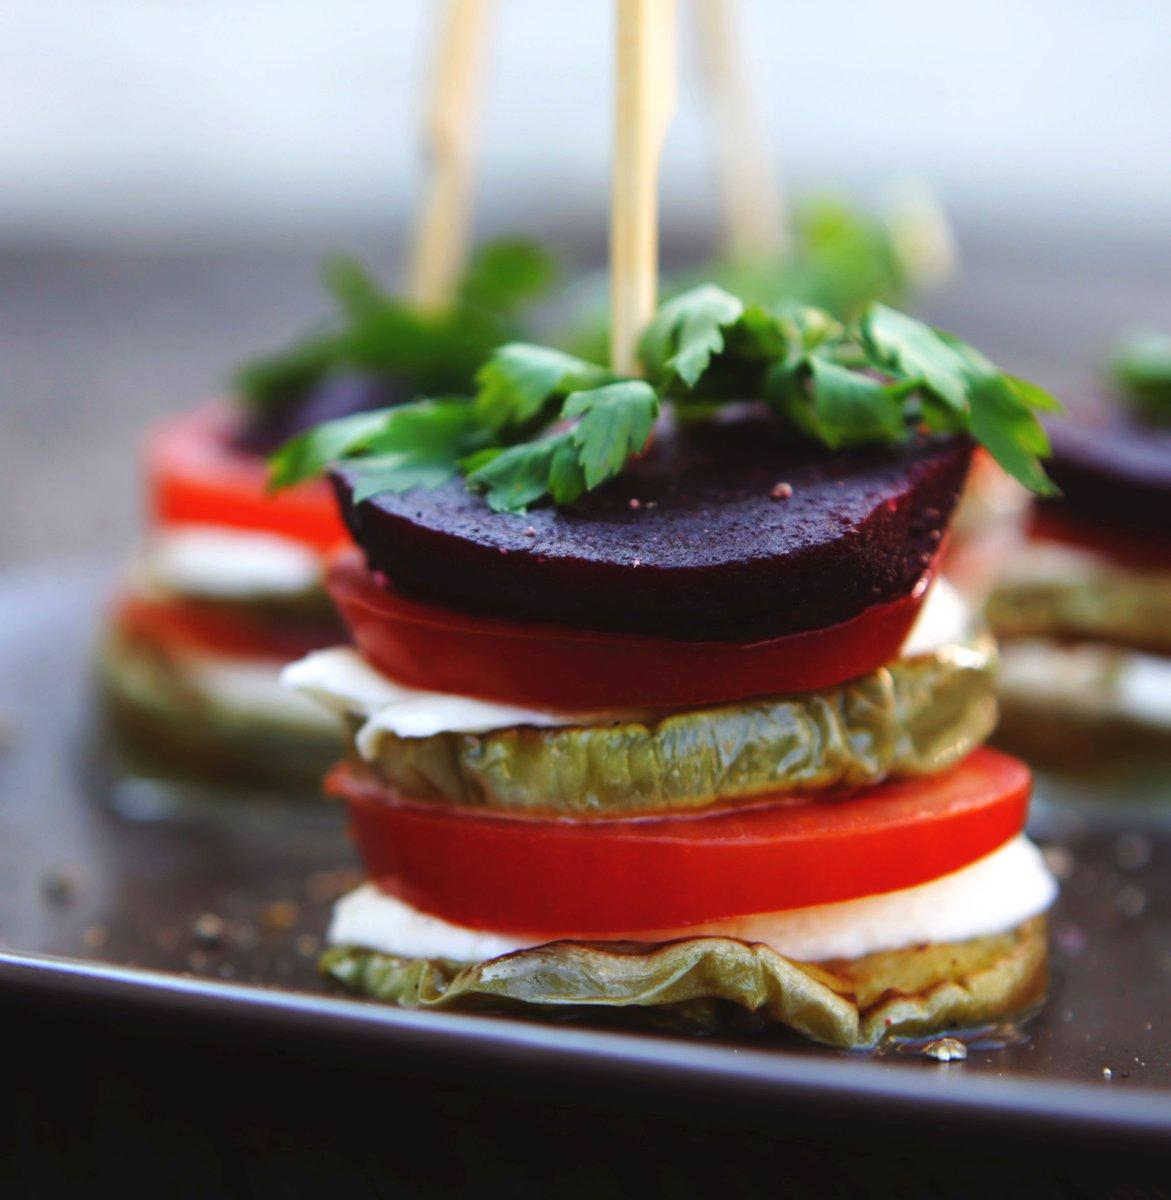 Een groentetorentje met #aubergine, #mozarella, #tomaat en #biet maak je zo: https://t.co/kJ1mhPR0jW  #vega #vegetarisch #groente #watetenwevandaag https://t.co/RvKt40f0rZ